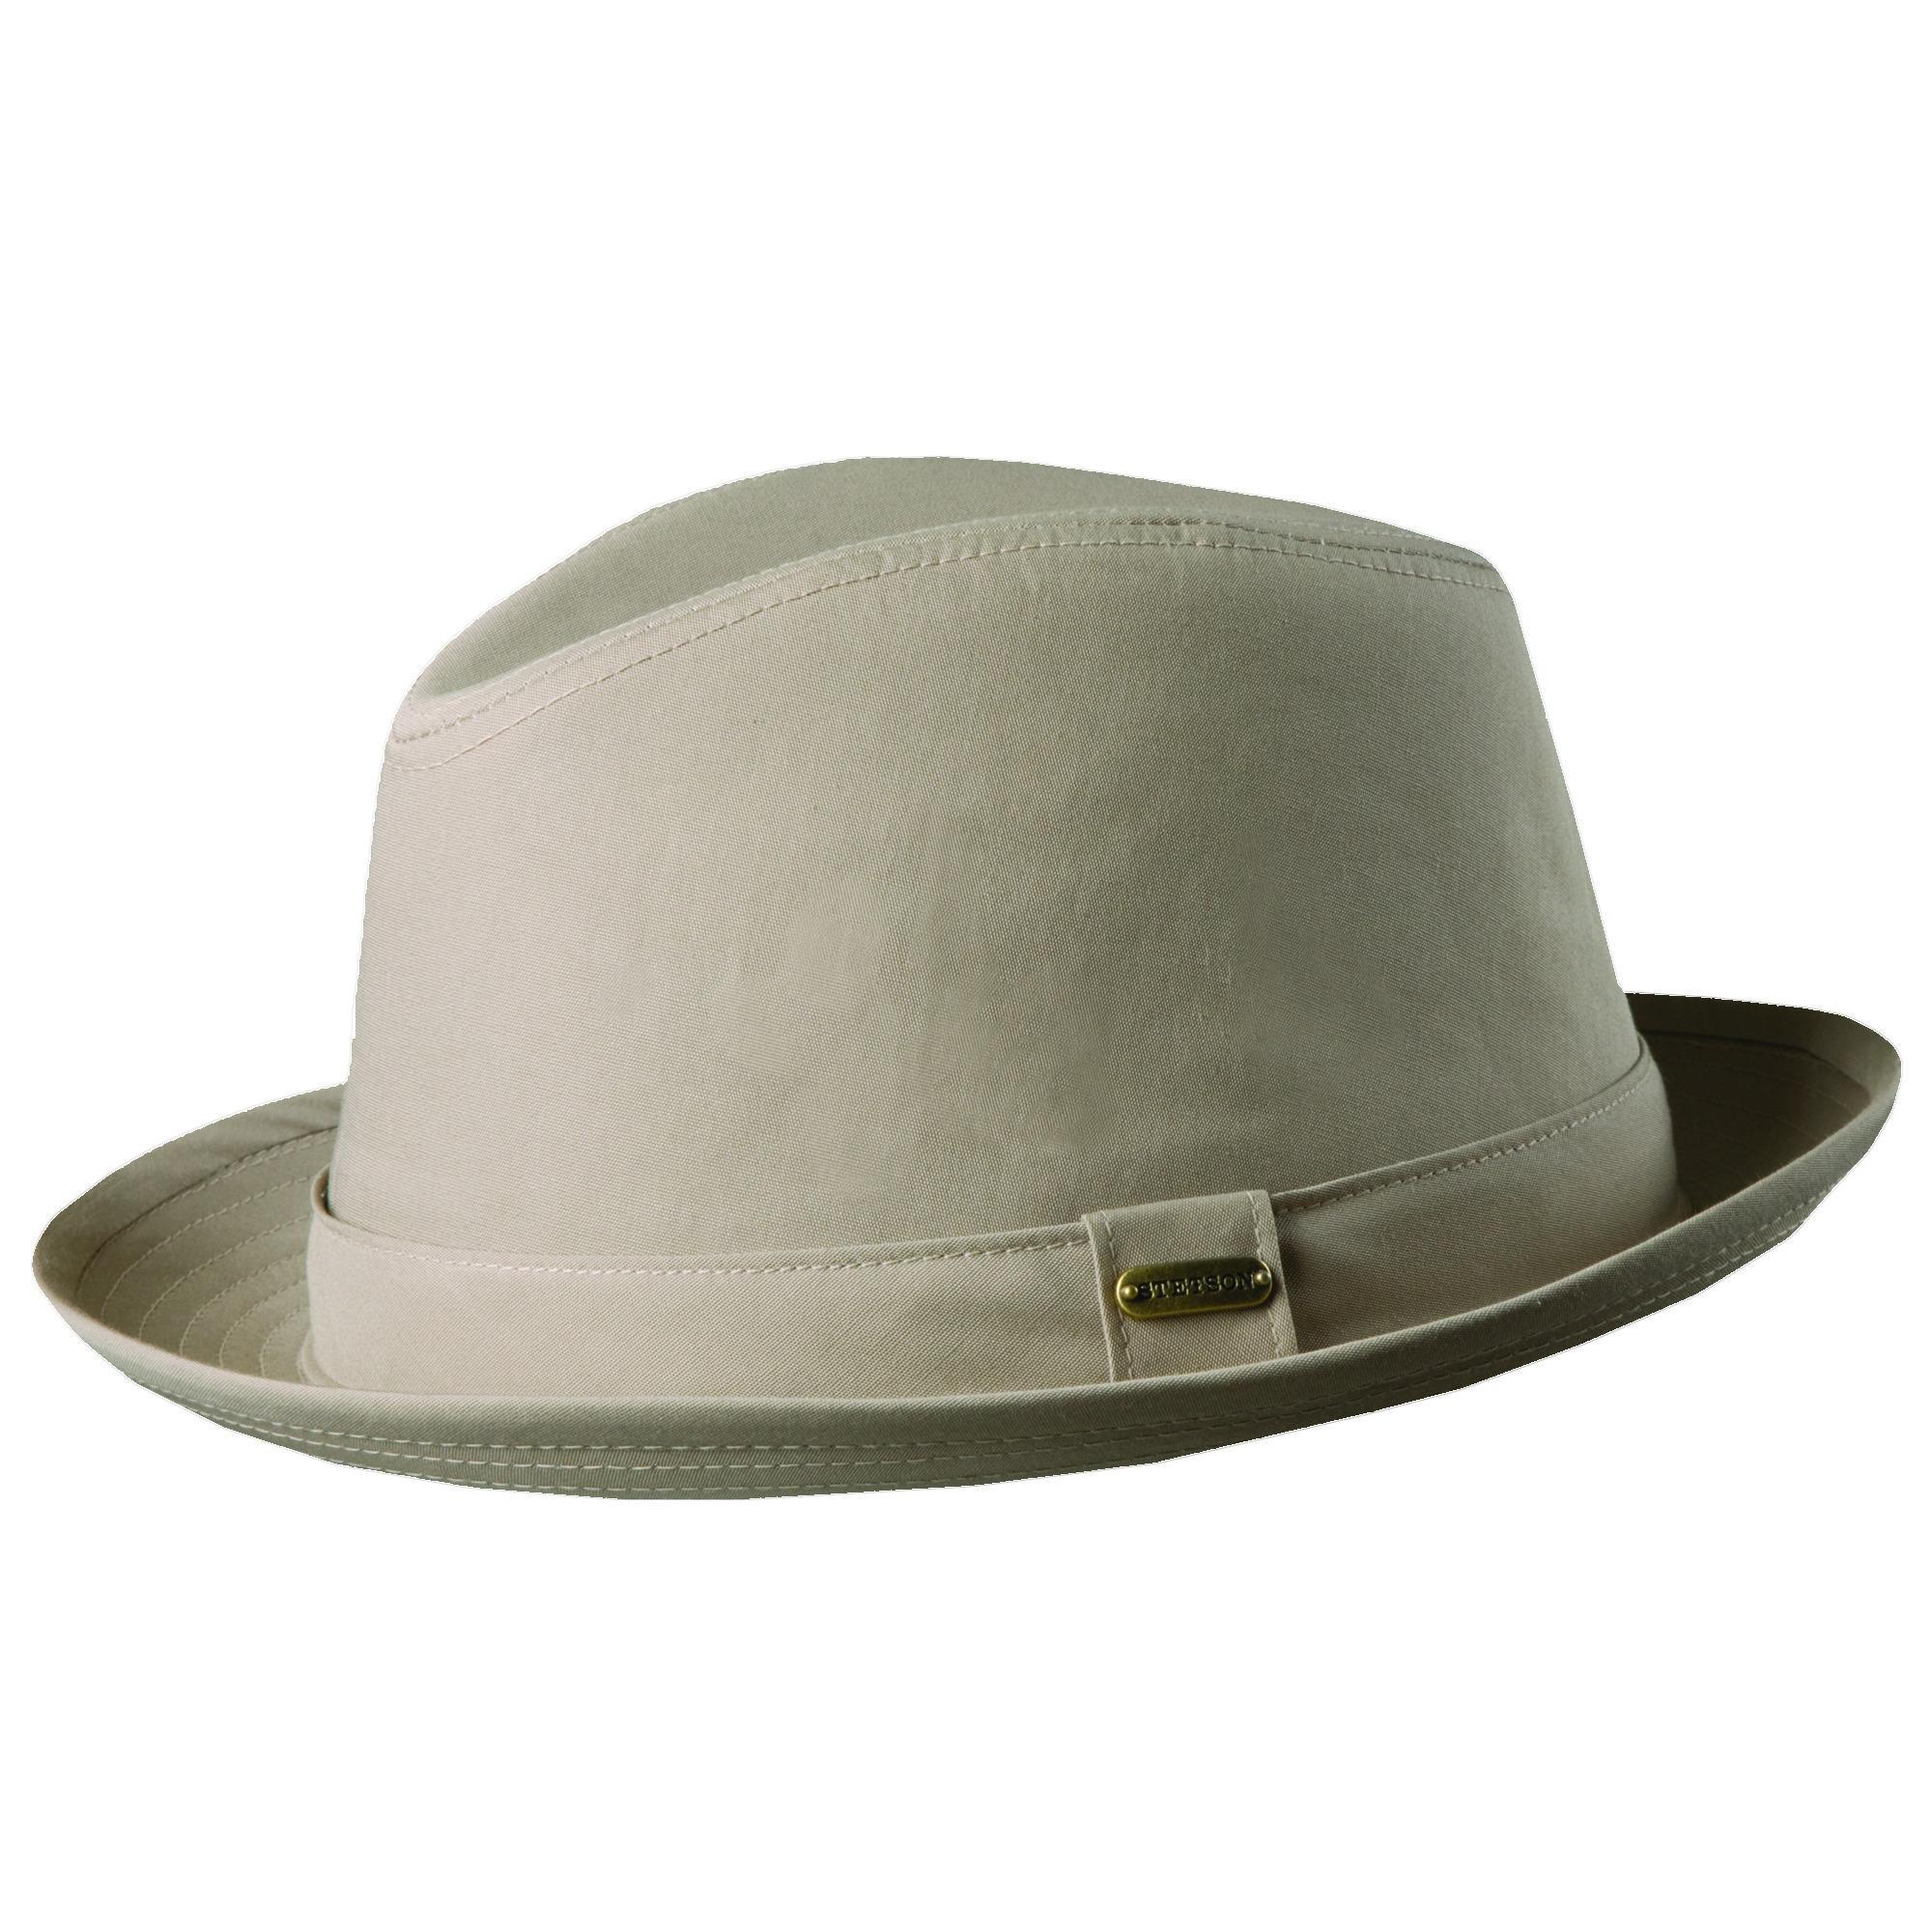 c97c60181ab4d Stetson Men s Cotton Blend Water Repellent Fedora Hat